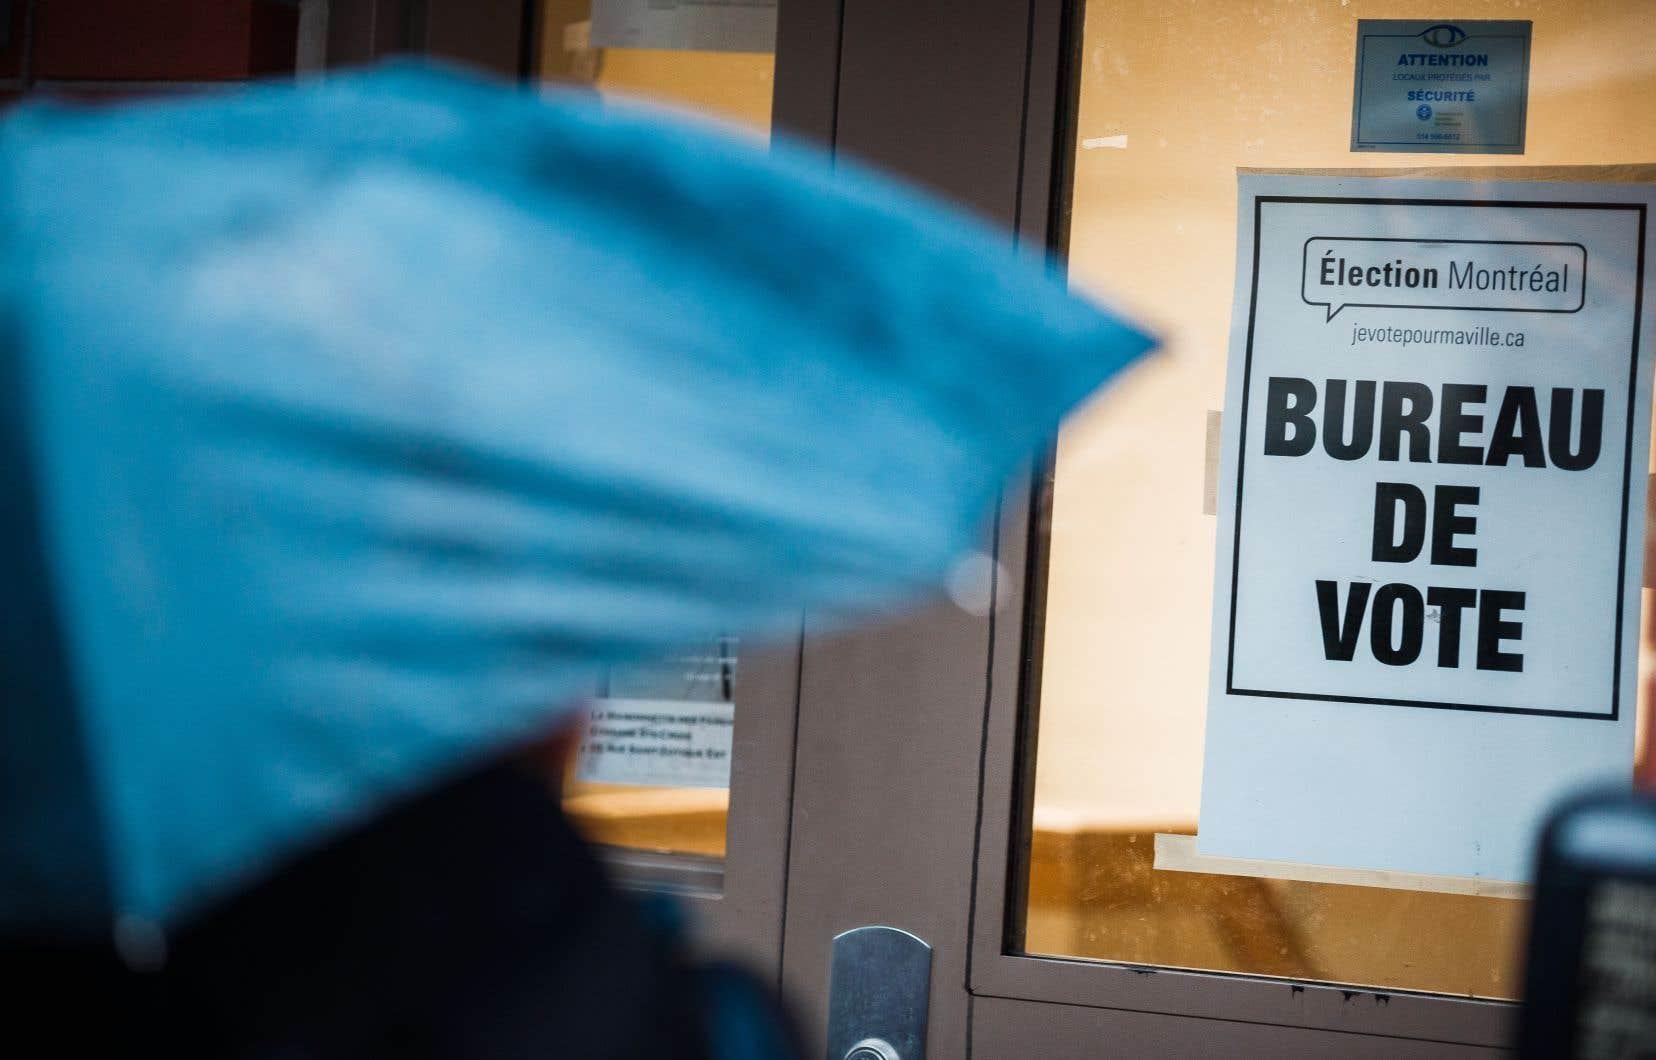 À Montréal, en 2013, 7,75% des électeurs s'étaient prévalus du droit de vote par anticipation.